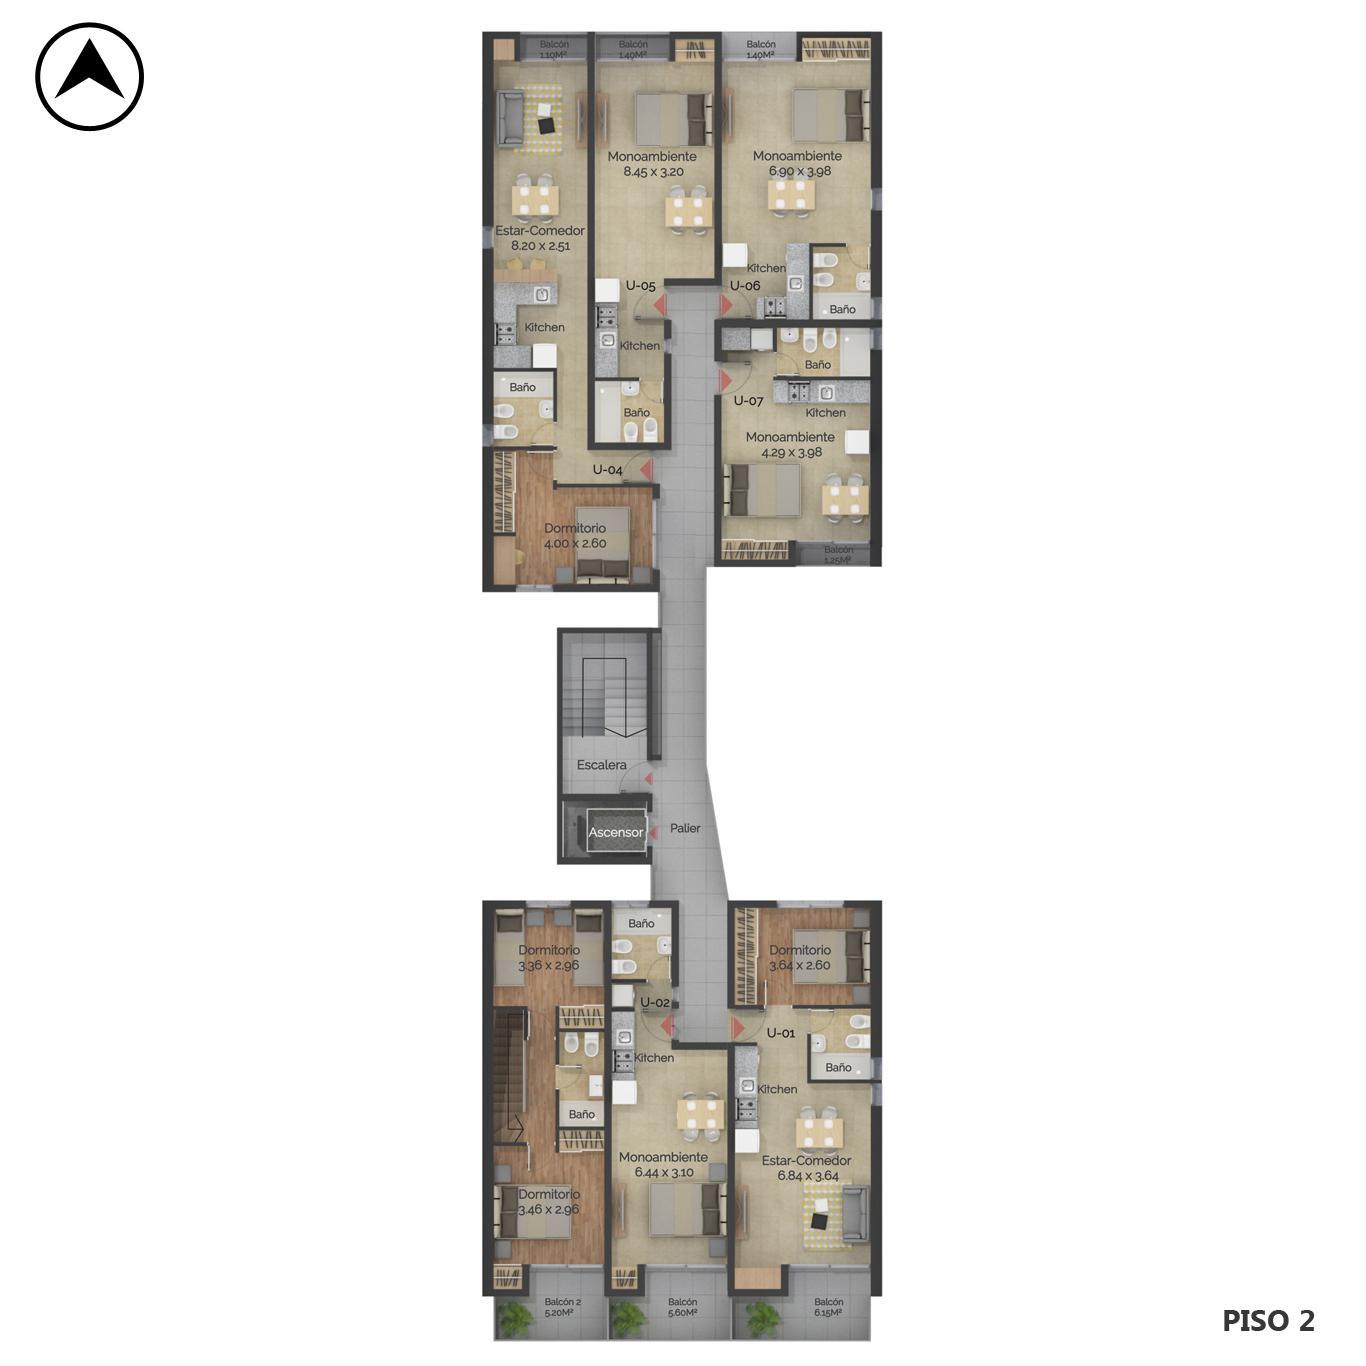 Venta departamento 1 dormitorio Rosario, Centro Oeste. Cod CBU24040 AP2248120. Crestale Propiedades